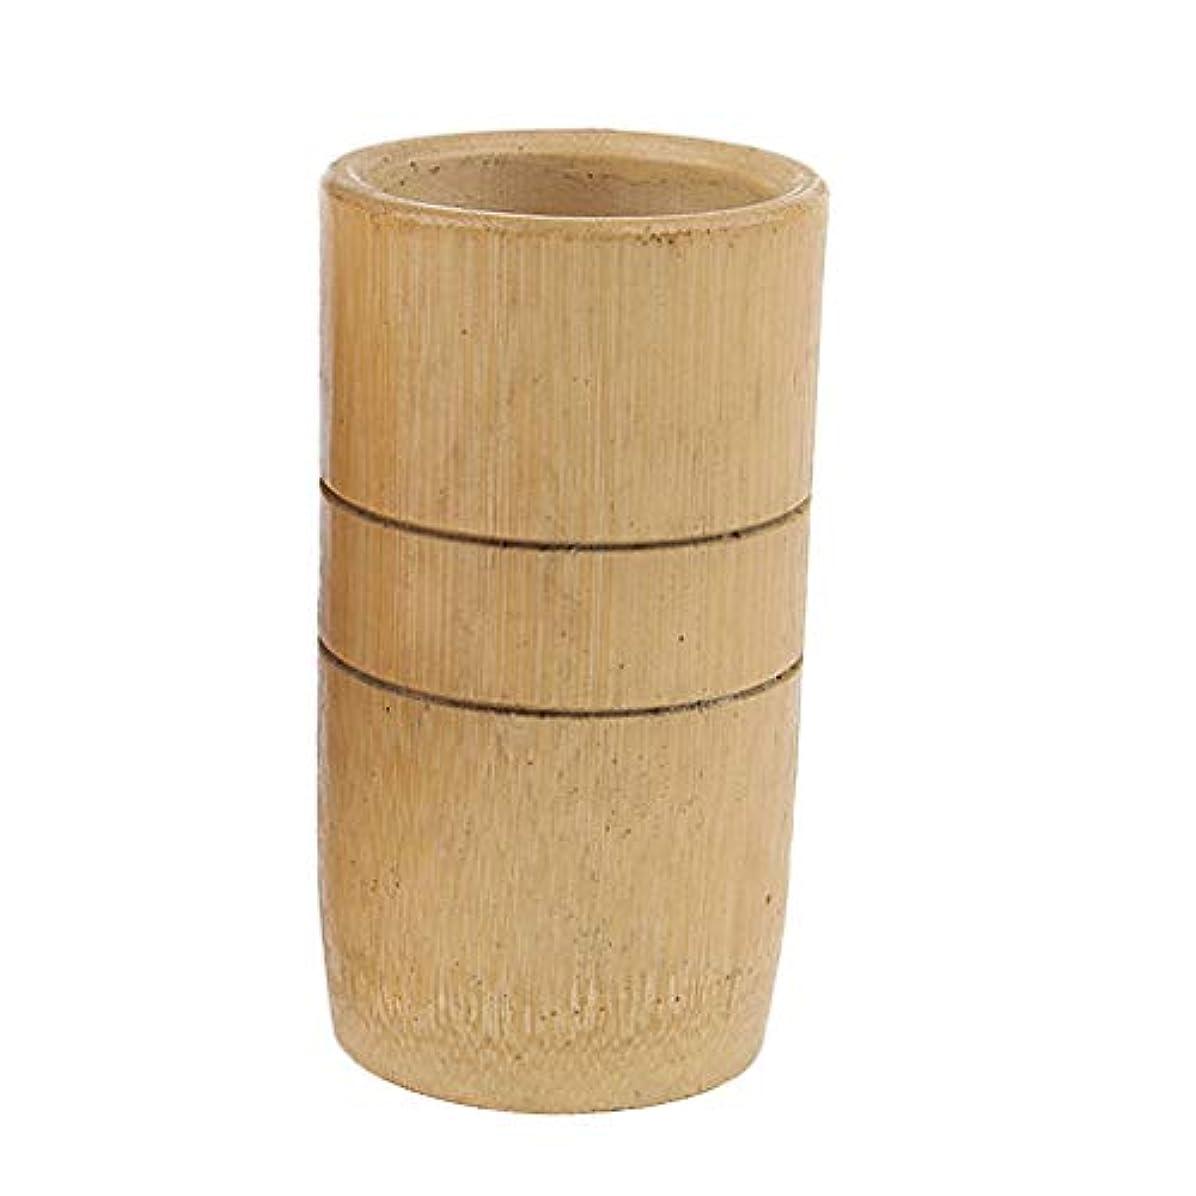 結果書き込み人気マッサージ吸い玉 カッピング 天然竹製 全身マッサージ 血流促進 サロン 家庭用 男女用 2個入